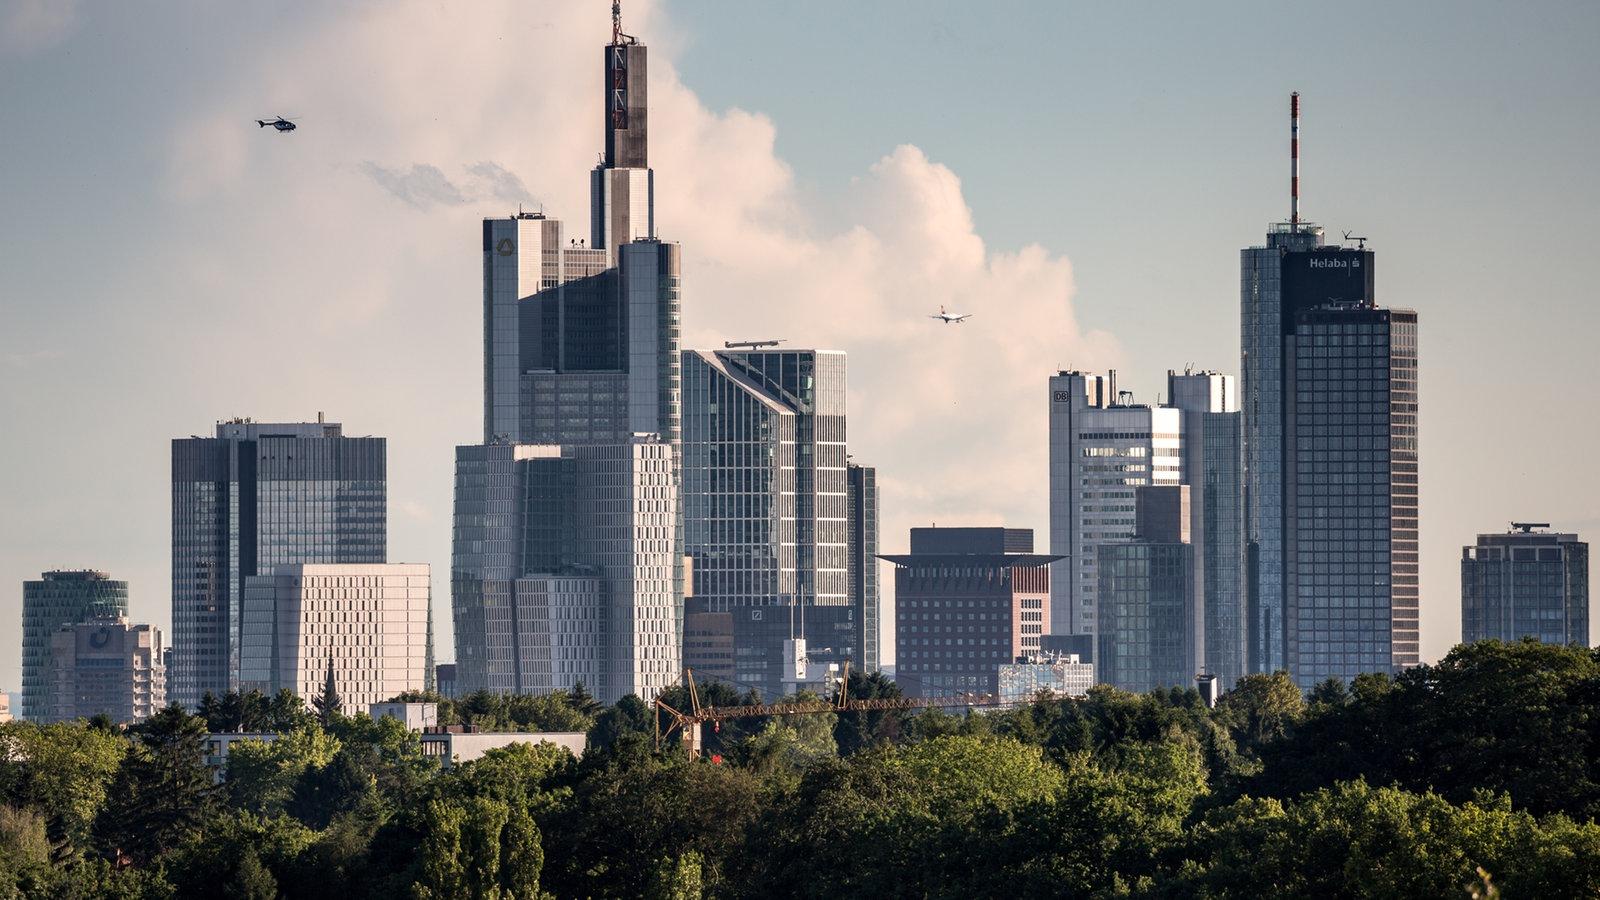 Banken In Frankfurt Oder